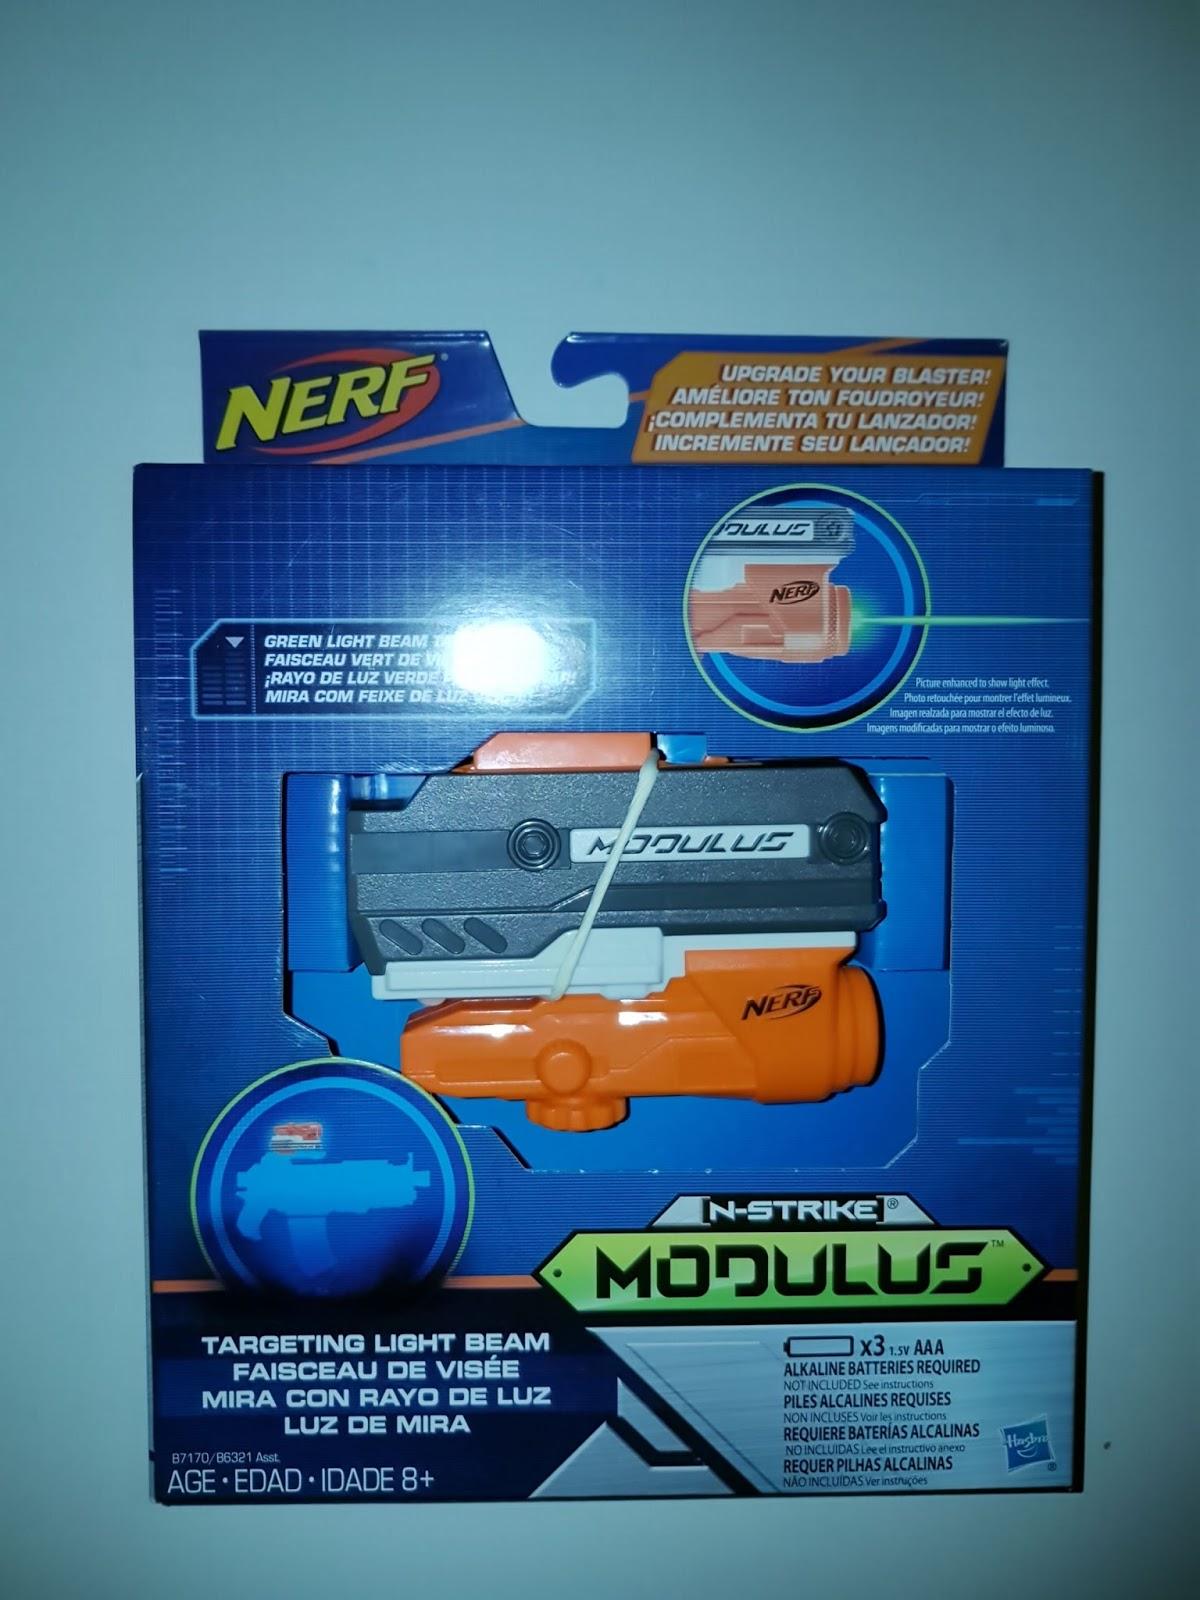 Blaster Think Tank Unboxing Nerf Modulus Targeting